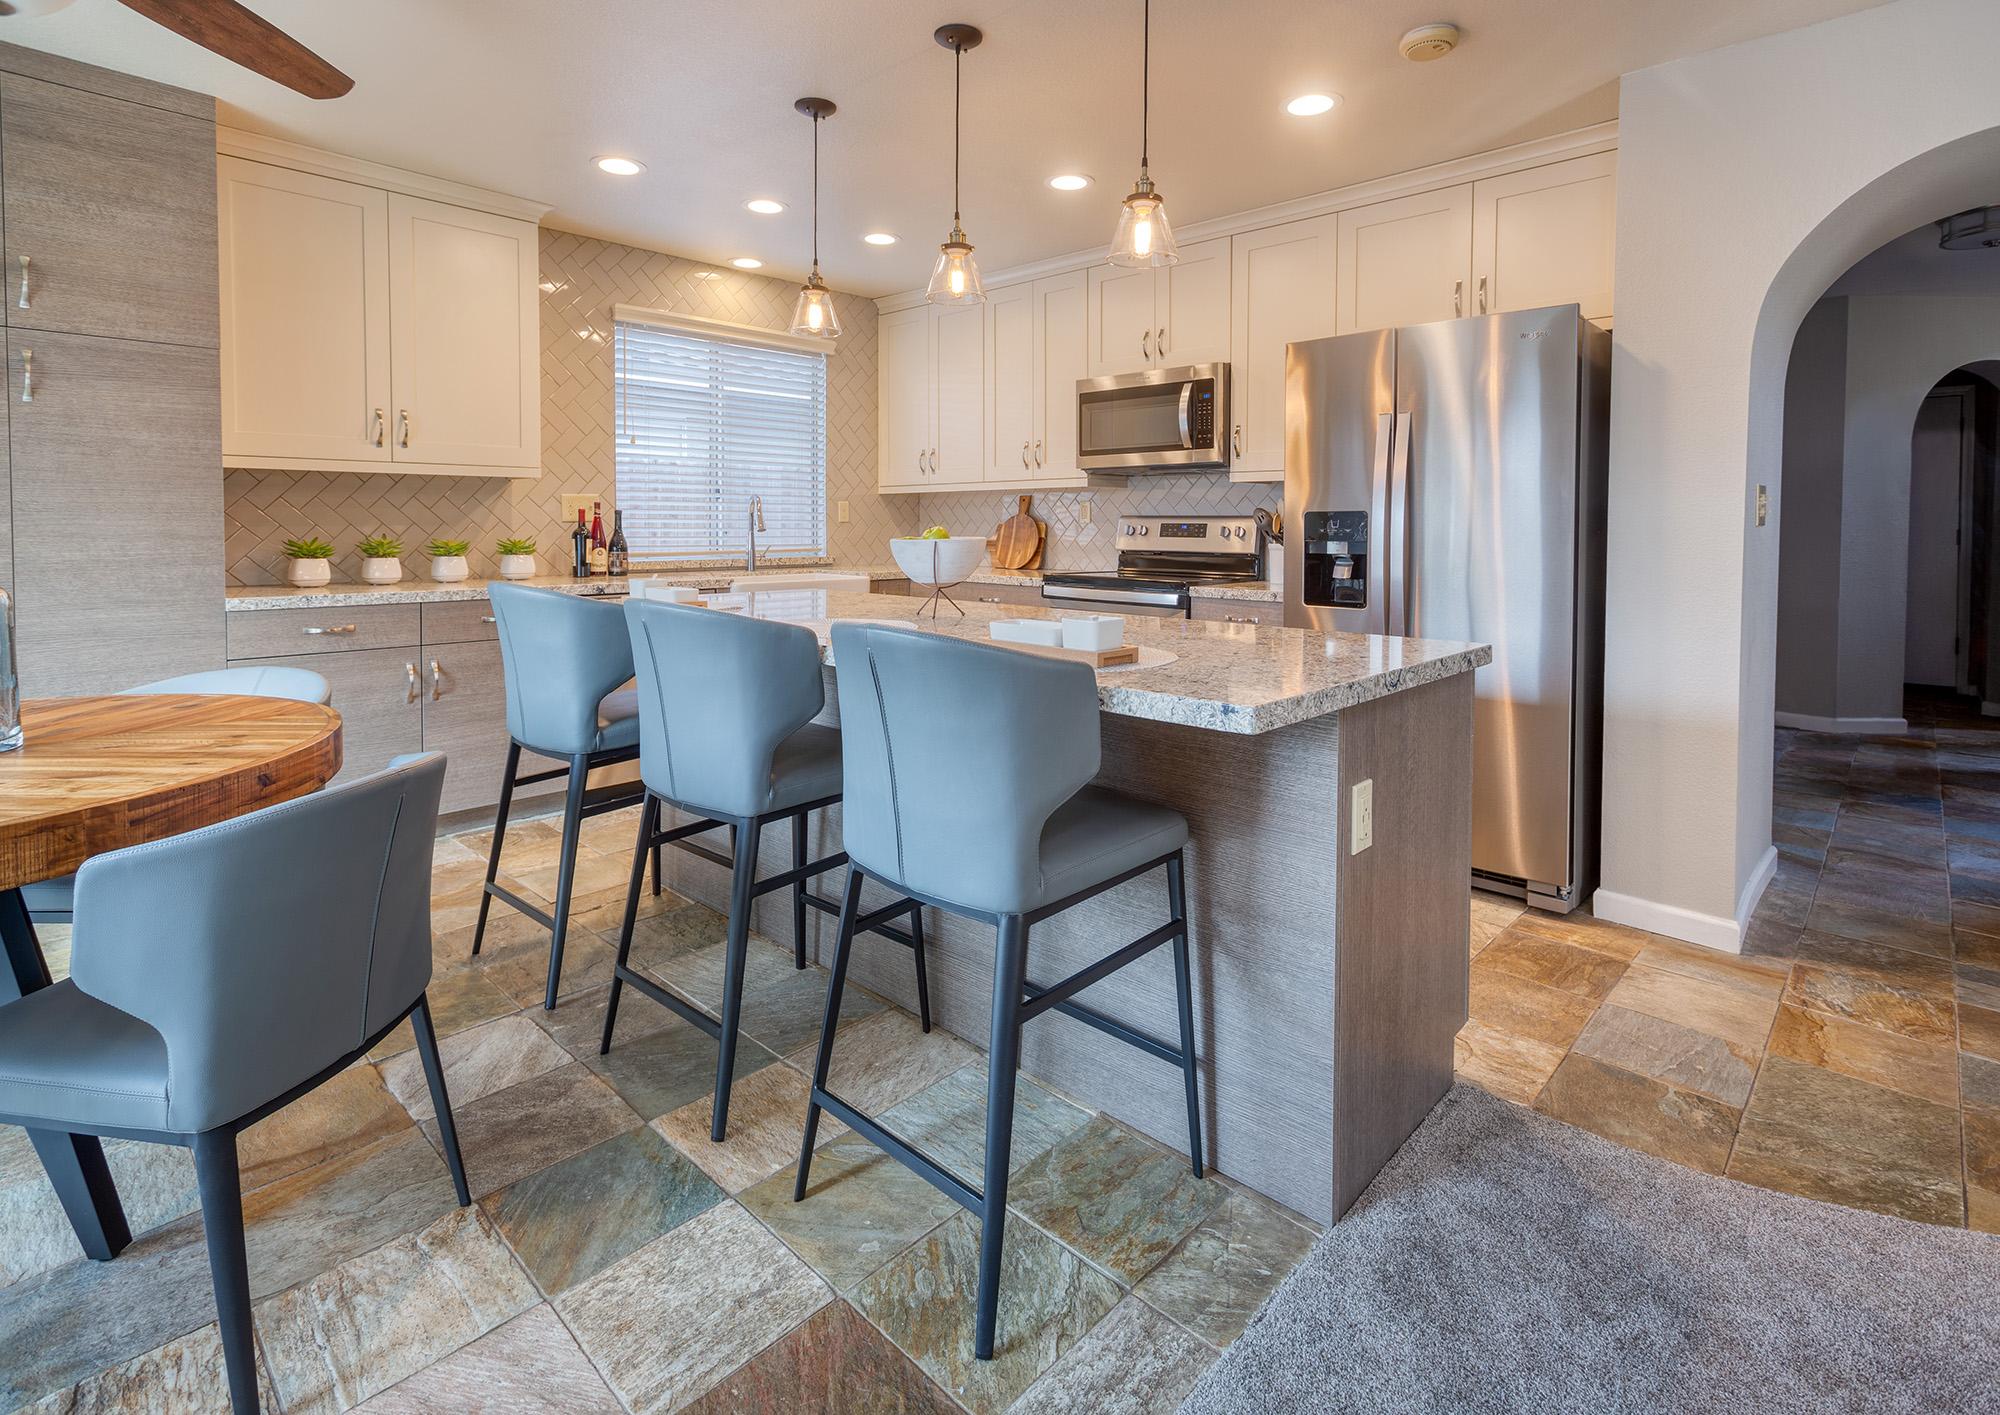 kitchen-remodel-quartz-countertop-tracy-ca-ktj-design-co-interior-design.jpg